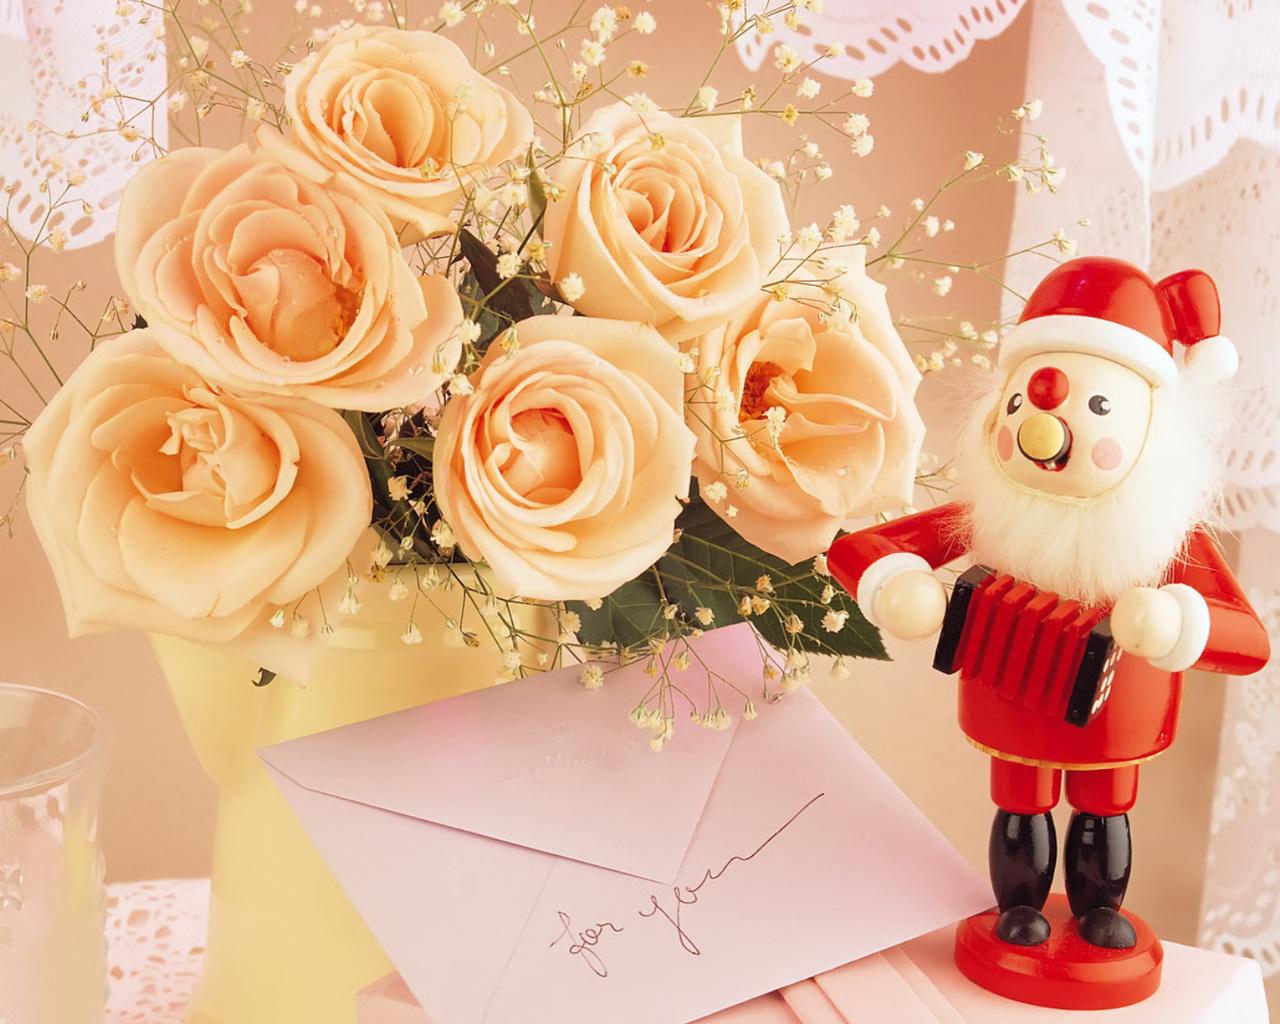 Цветок для новогодней открытки, днем рождения